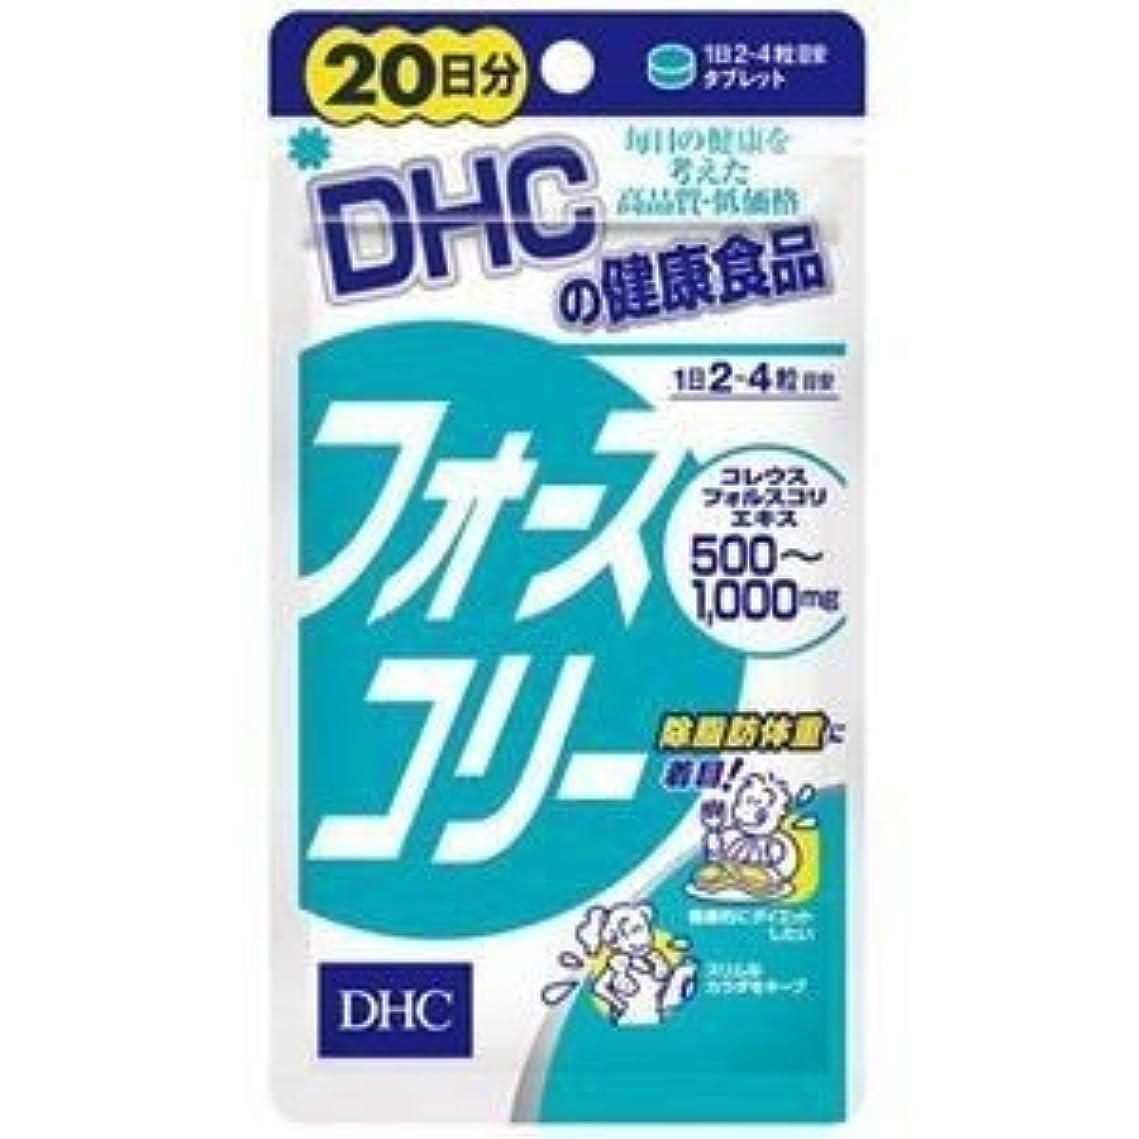 比類なきガイダンス不道徳DHC フォースコリー 20日分 80粒